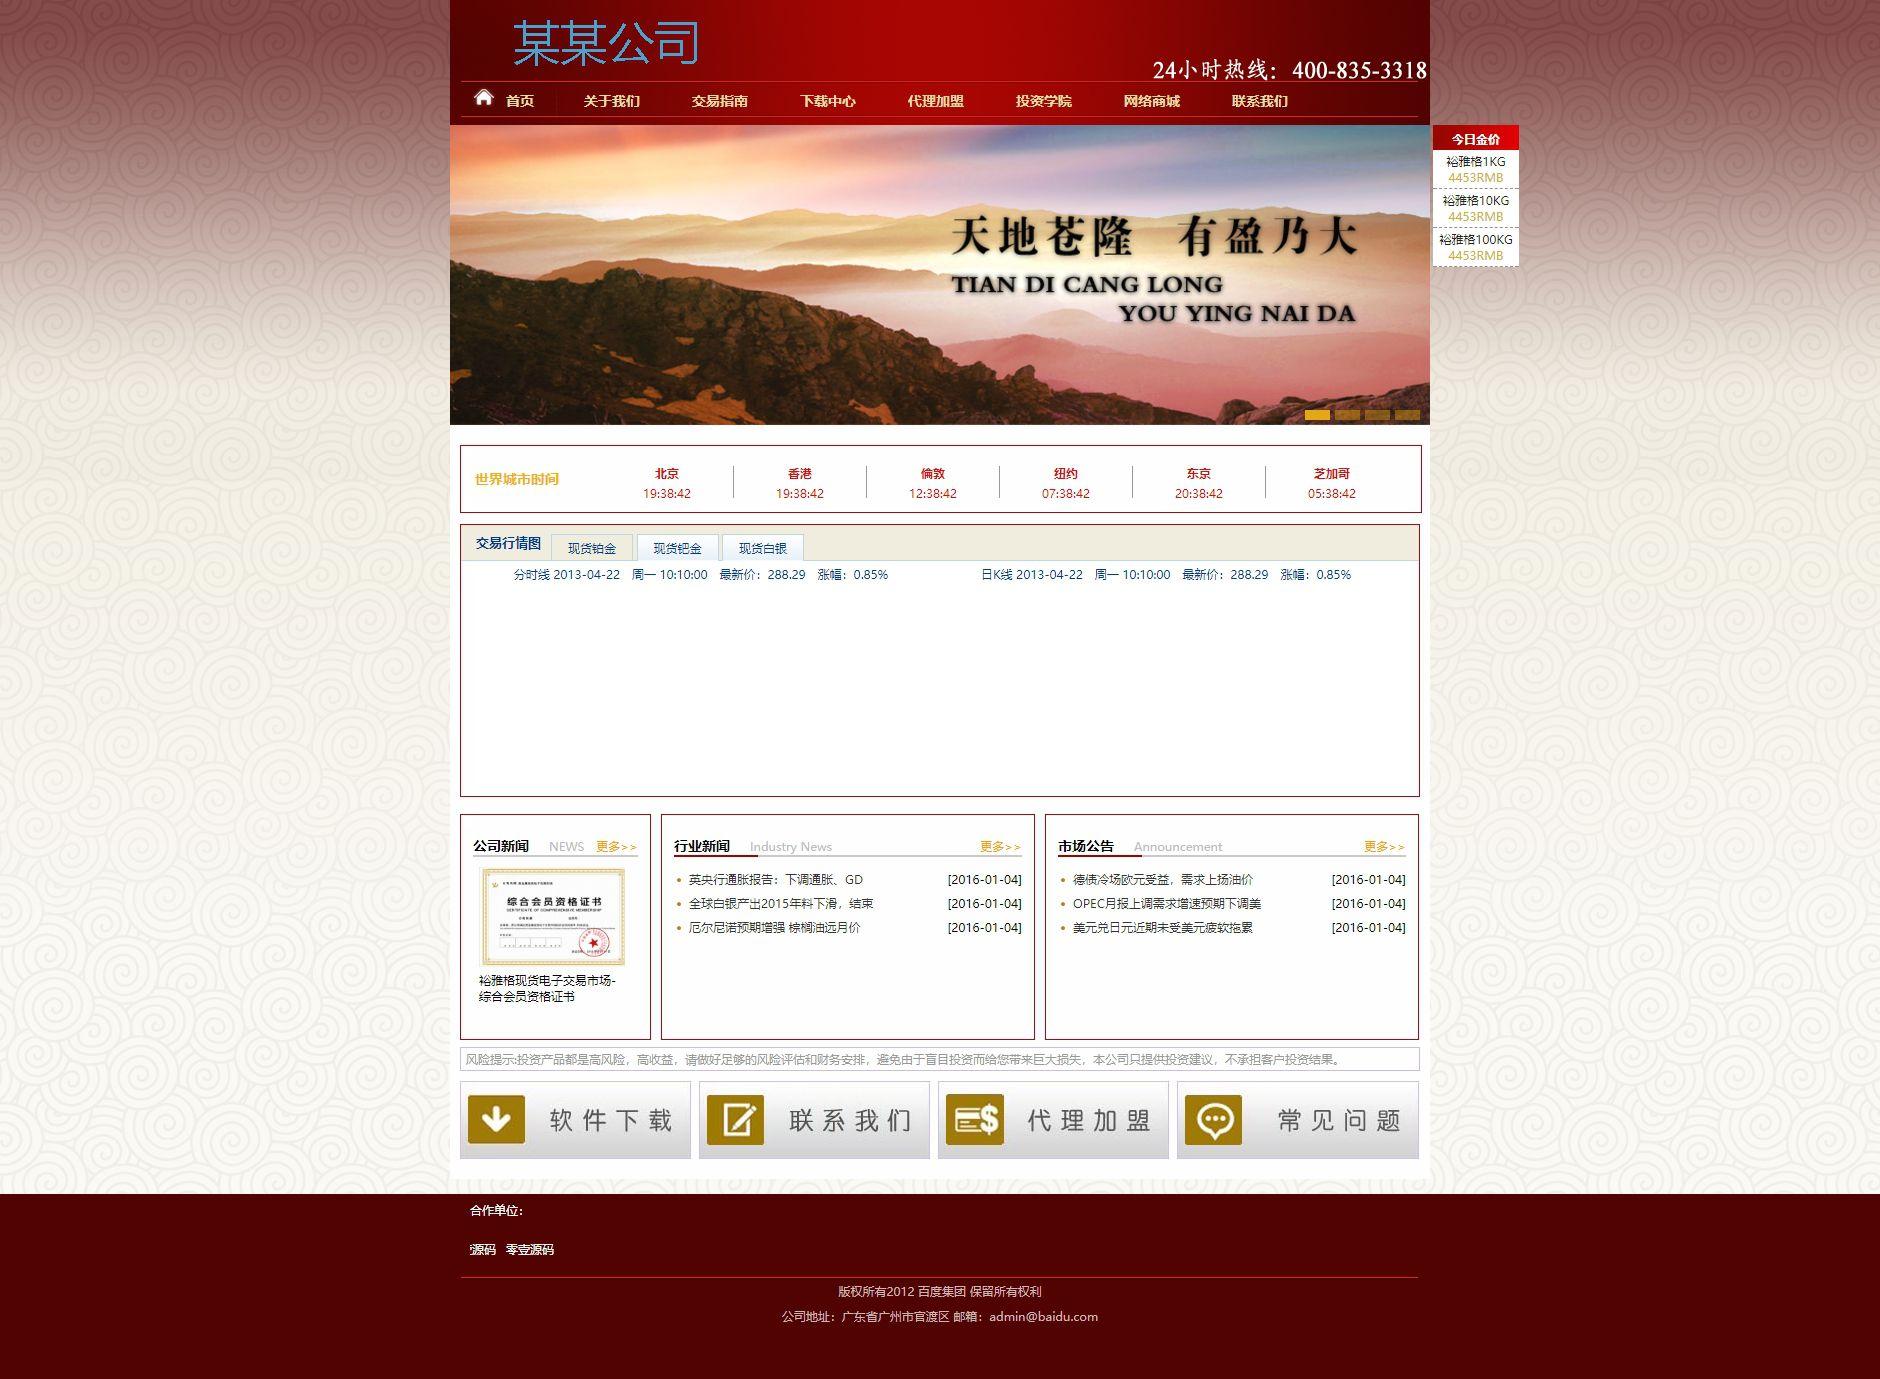 贵金属金融交易投资类企业网站织梦dedecms模板